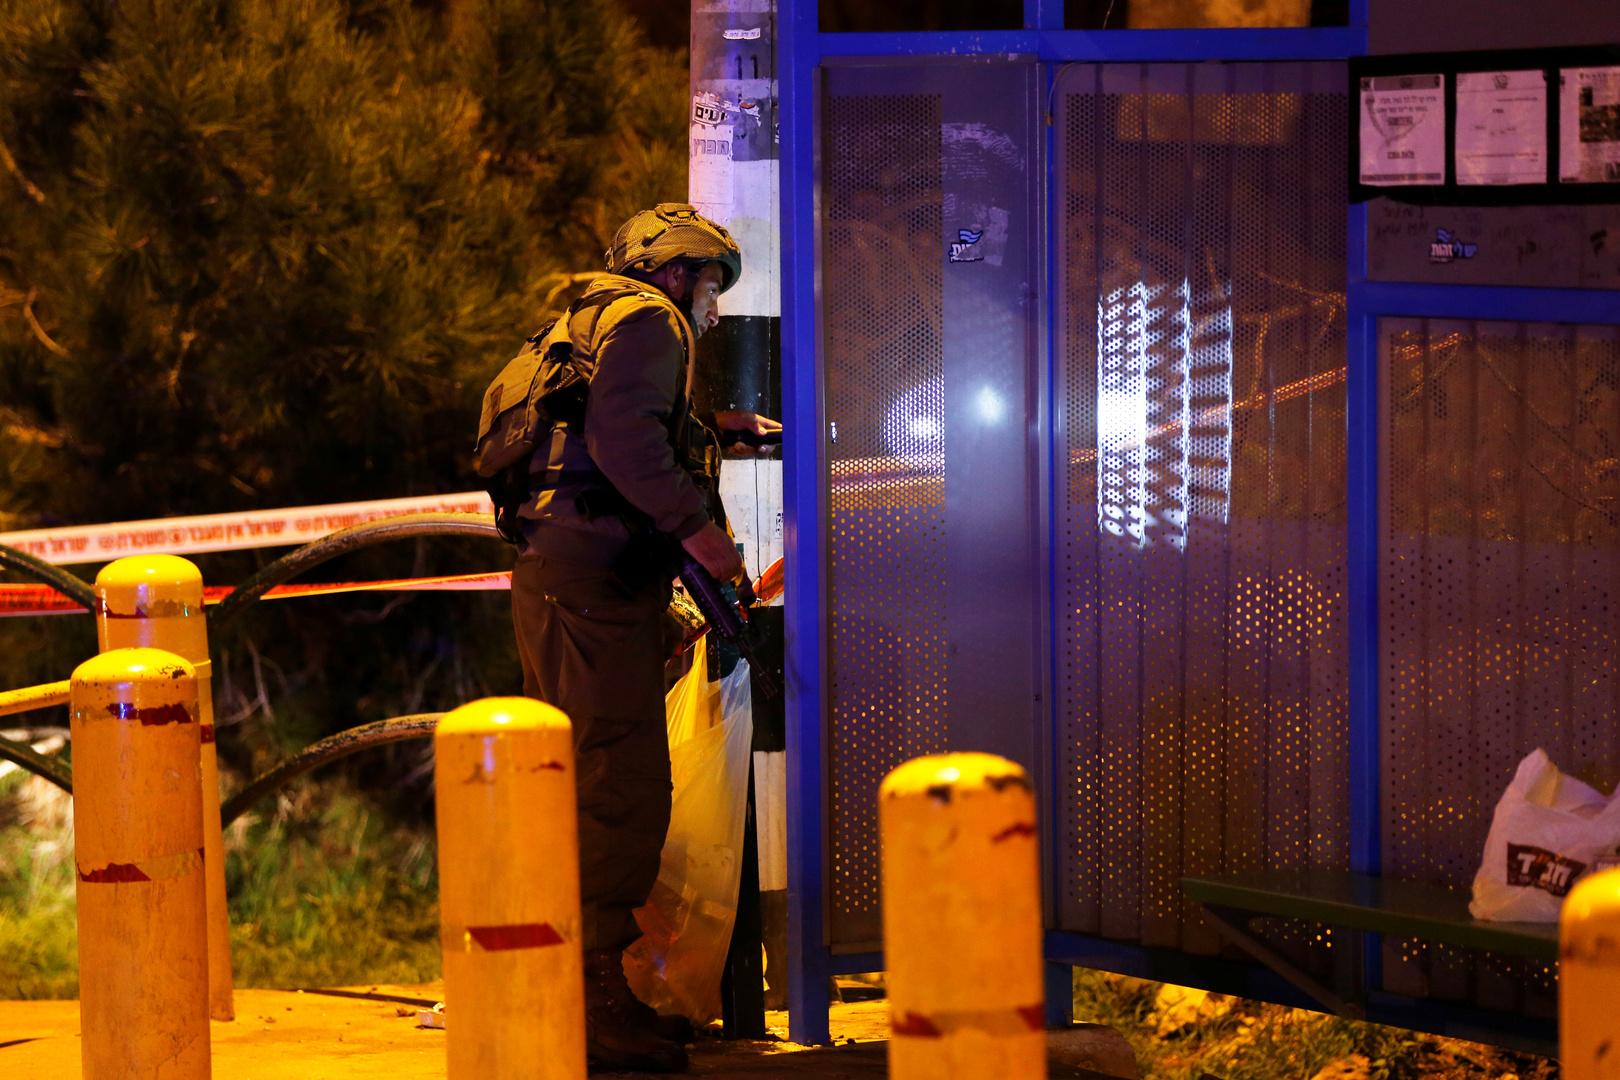 وسائل إعلام: الجيش الإسرائيلي أحبط عملية كبيرة لحماس كانت ستنفذ في القدس قريبا